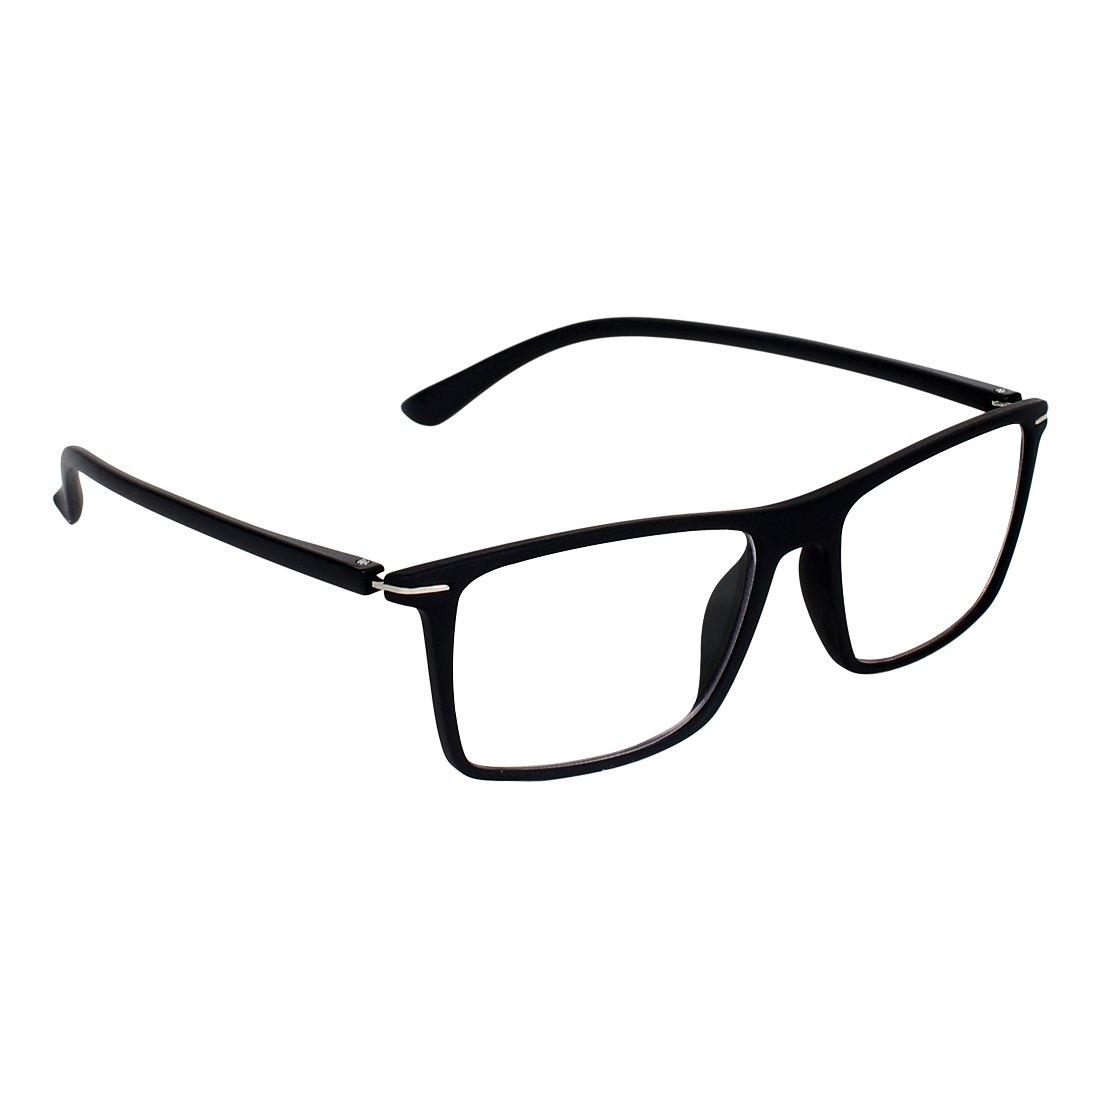 71e37250d14 Zyaden Rectangular Plastic Men s Eyewear Frame(FRAME-423